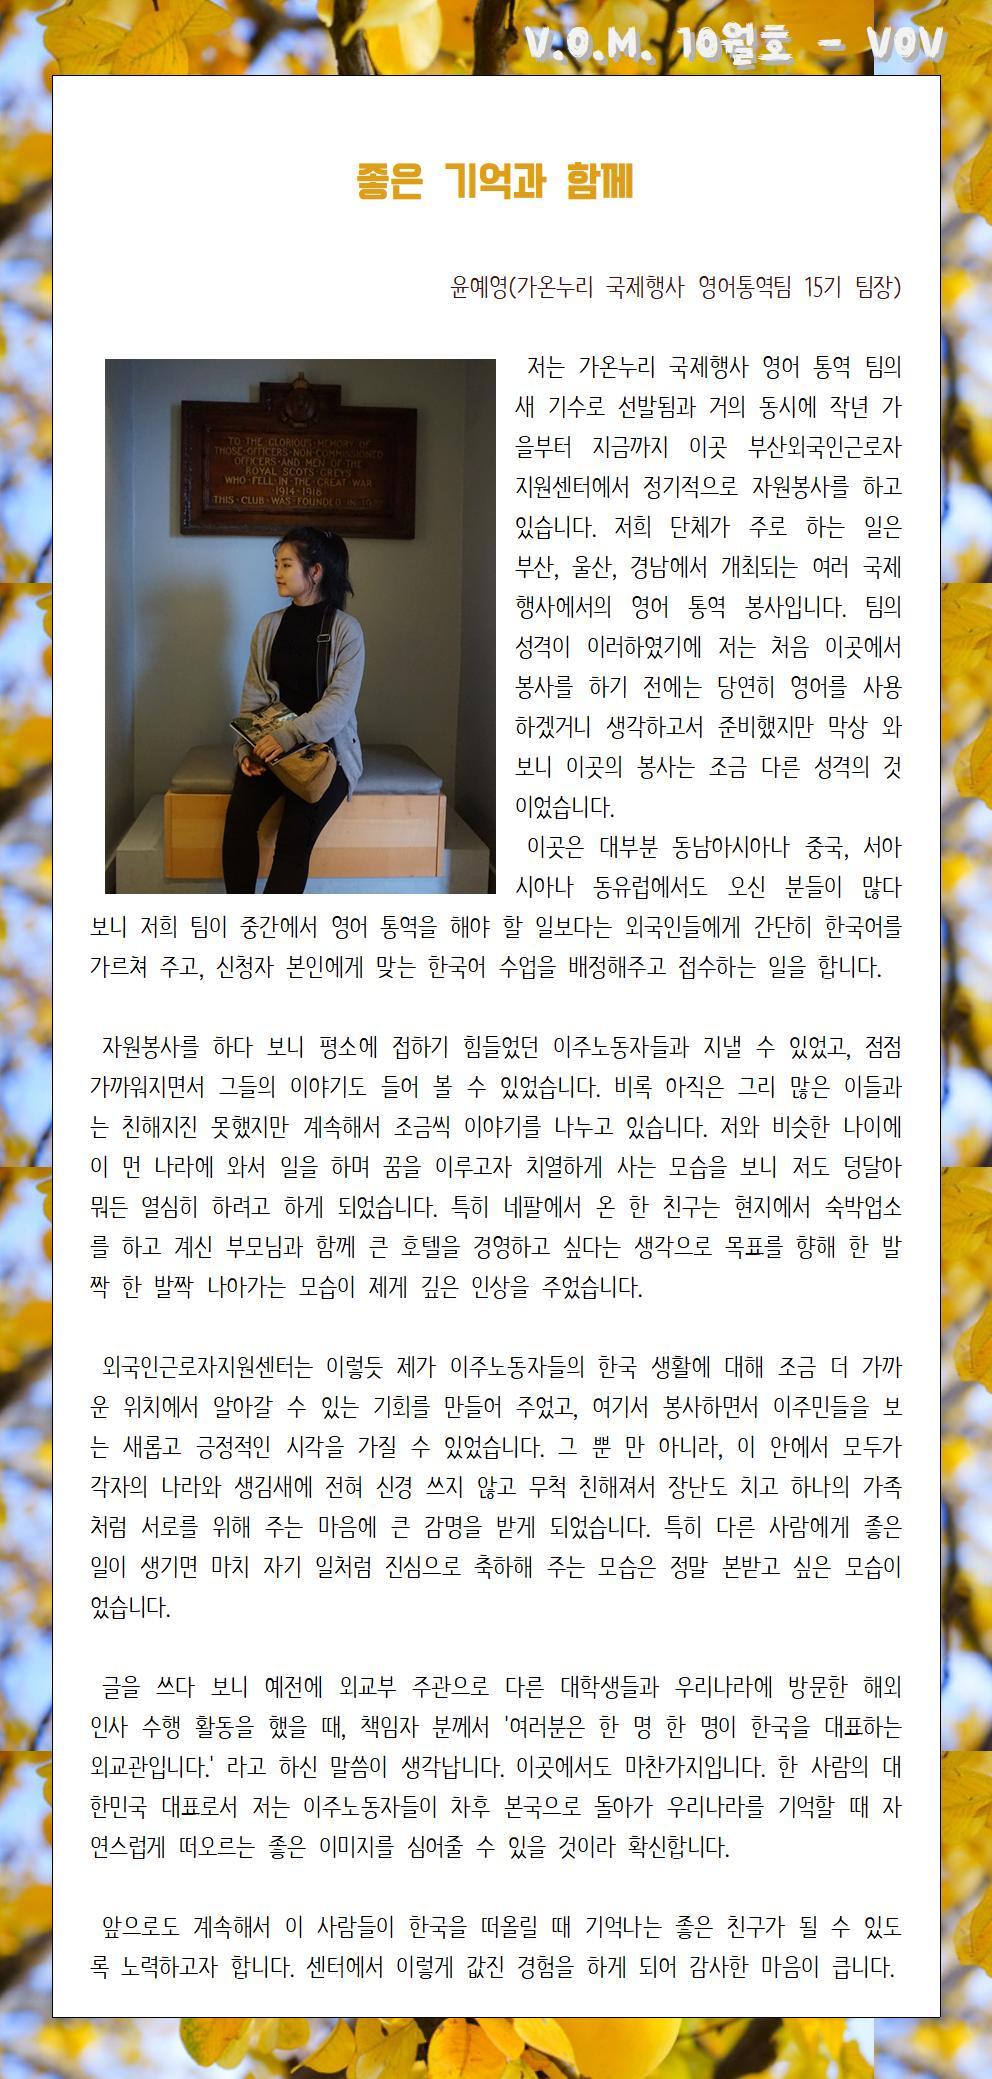 04. VOV-윤예영001